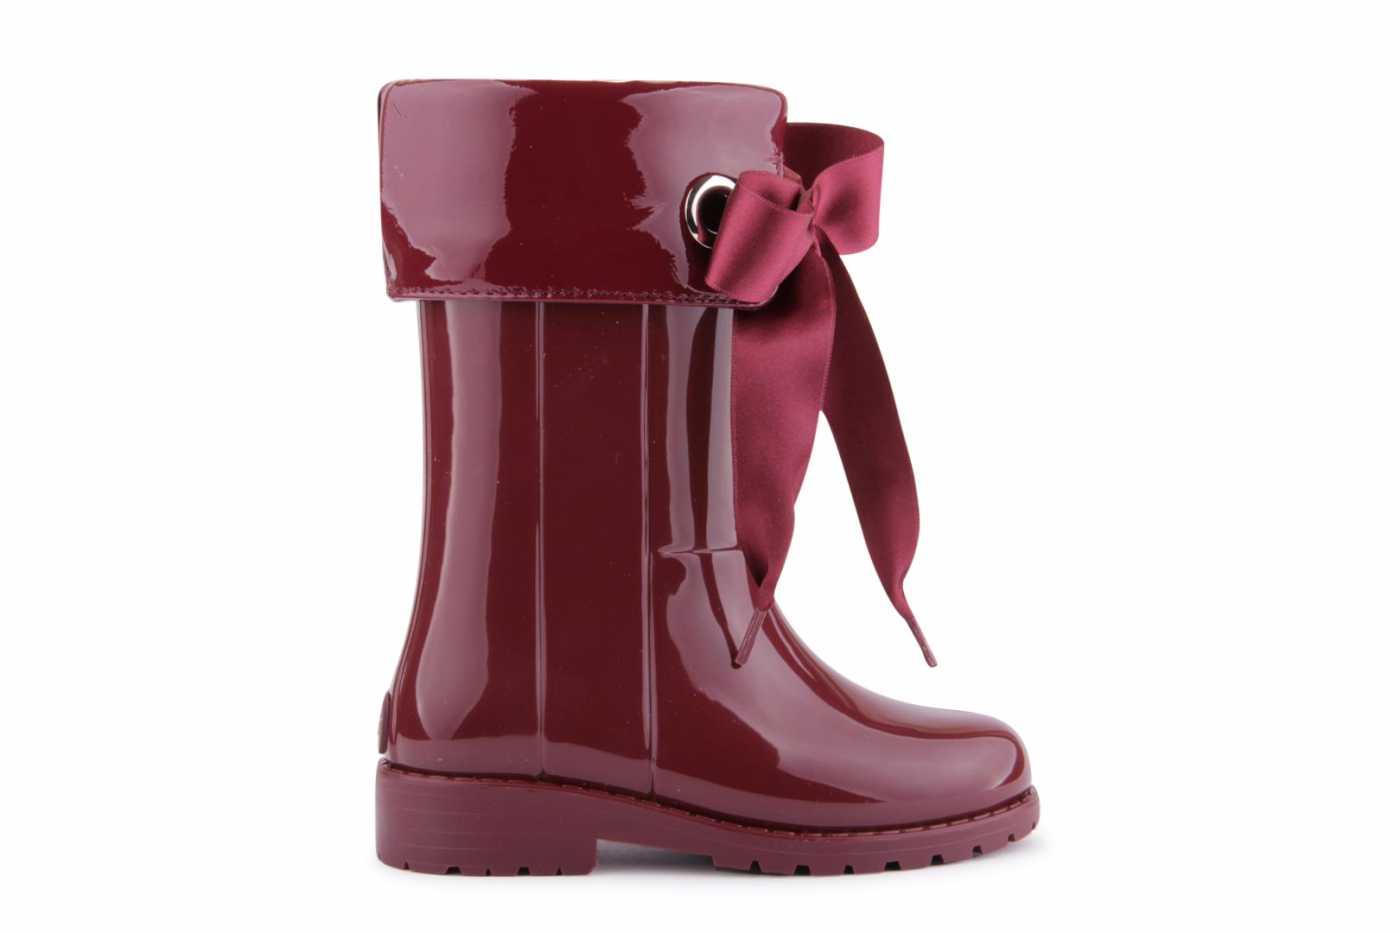 Comprar zapato tipo JOVEN NIÑA estilo BOTA DE AGUA COLOR BURDEOS ... 7018c9120db